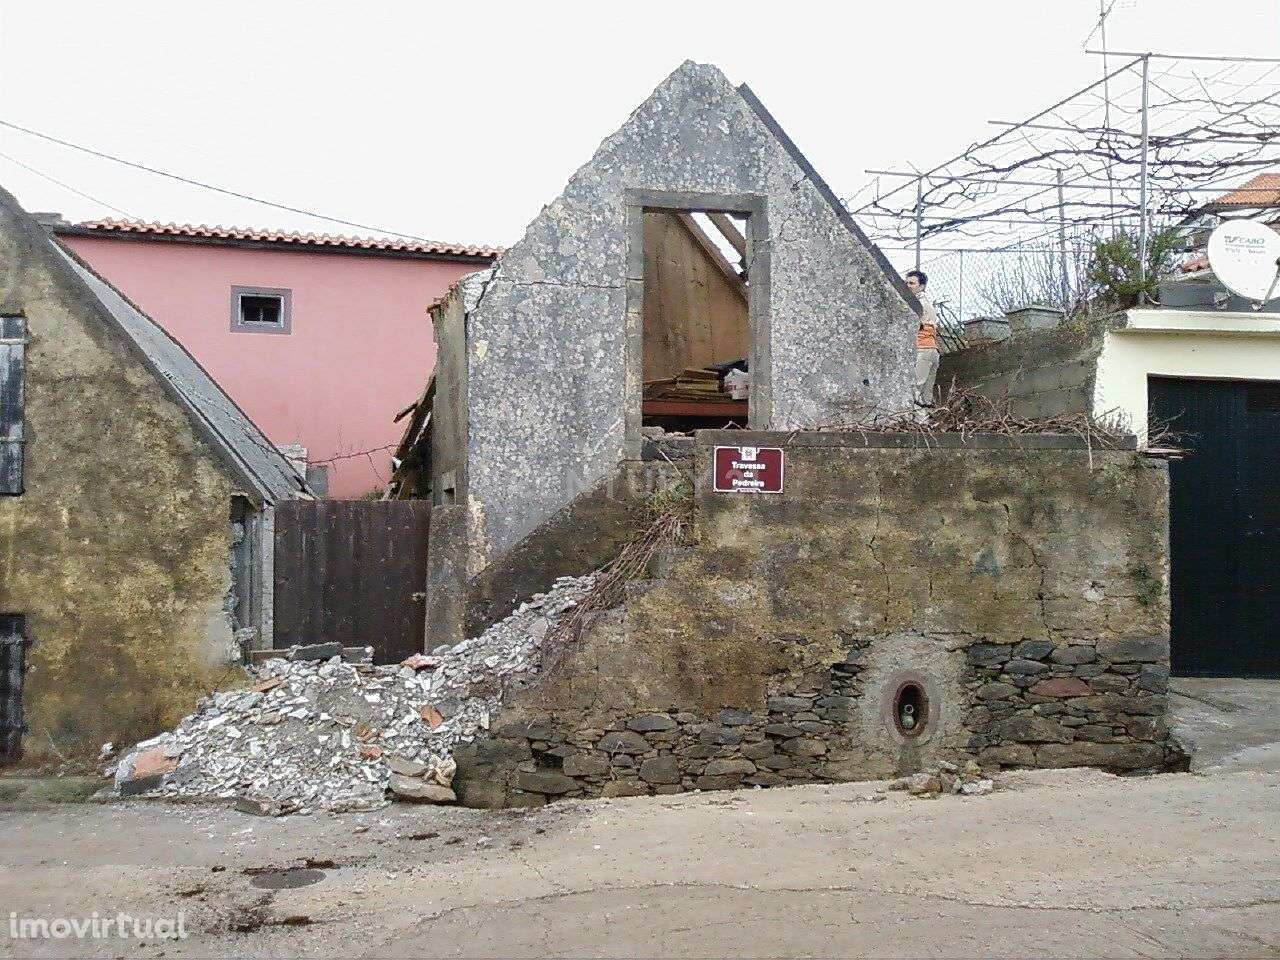 Terreno para comprar, Calheta, Calheta (Madeira), Ilha da Madeira - Foto 3